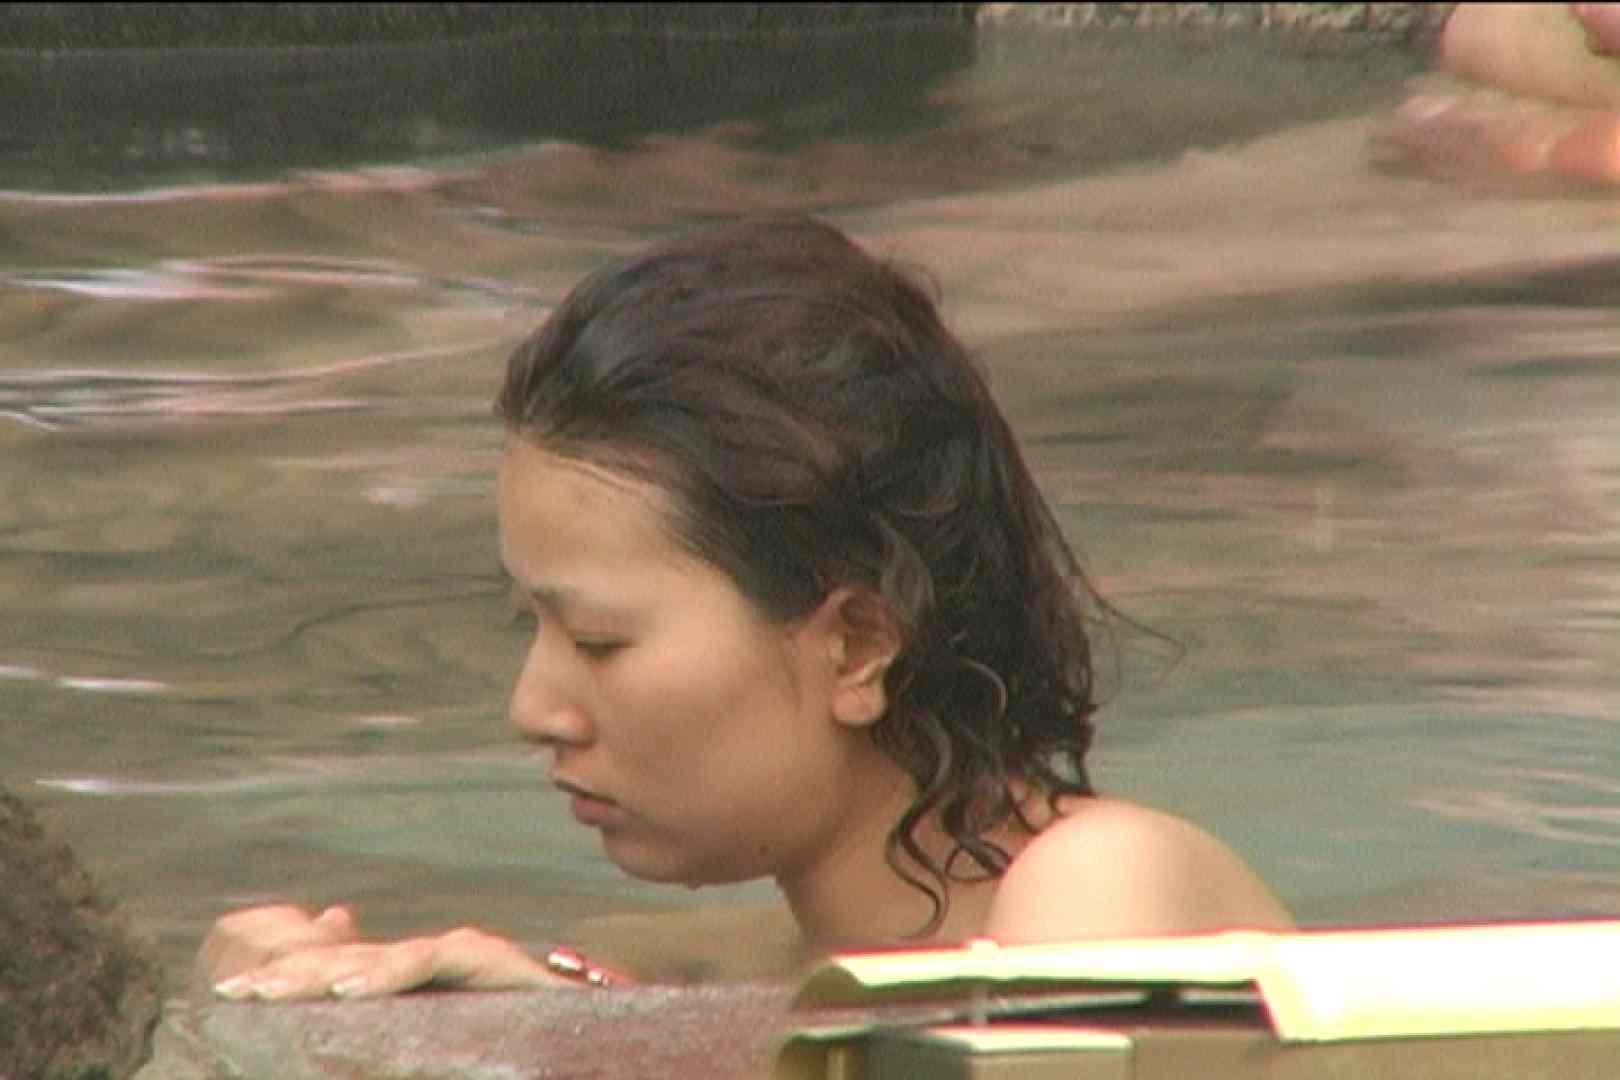 Aquaな露天風呂Vol.131 OLハメ撮り  108Pix 48